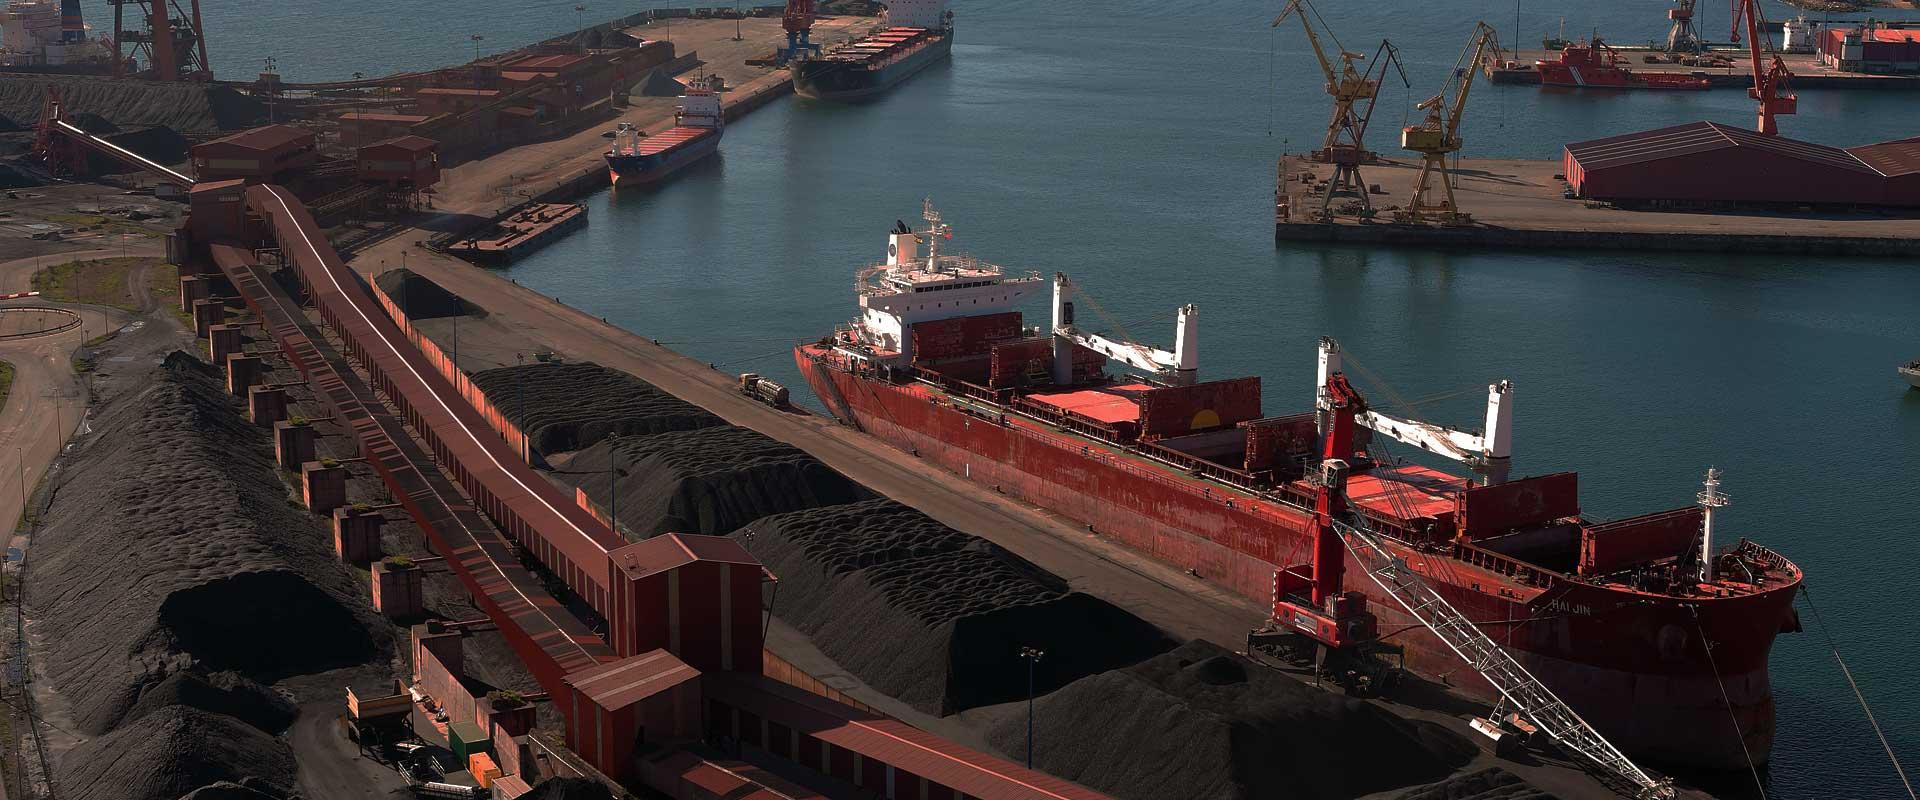 Ingeniería y suministros navales e industriales